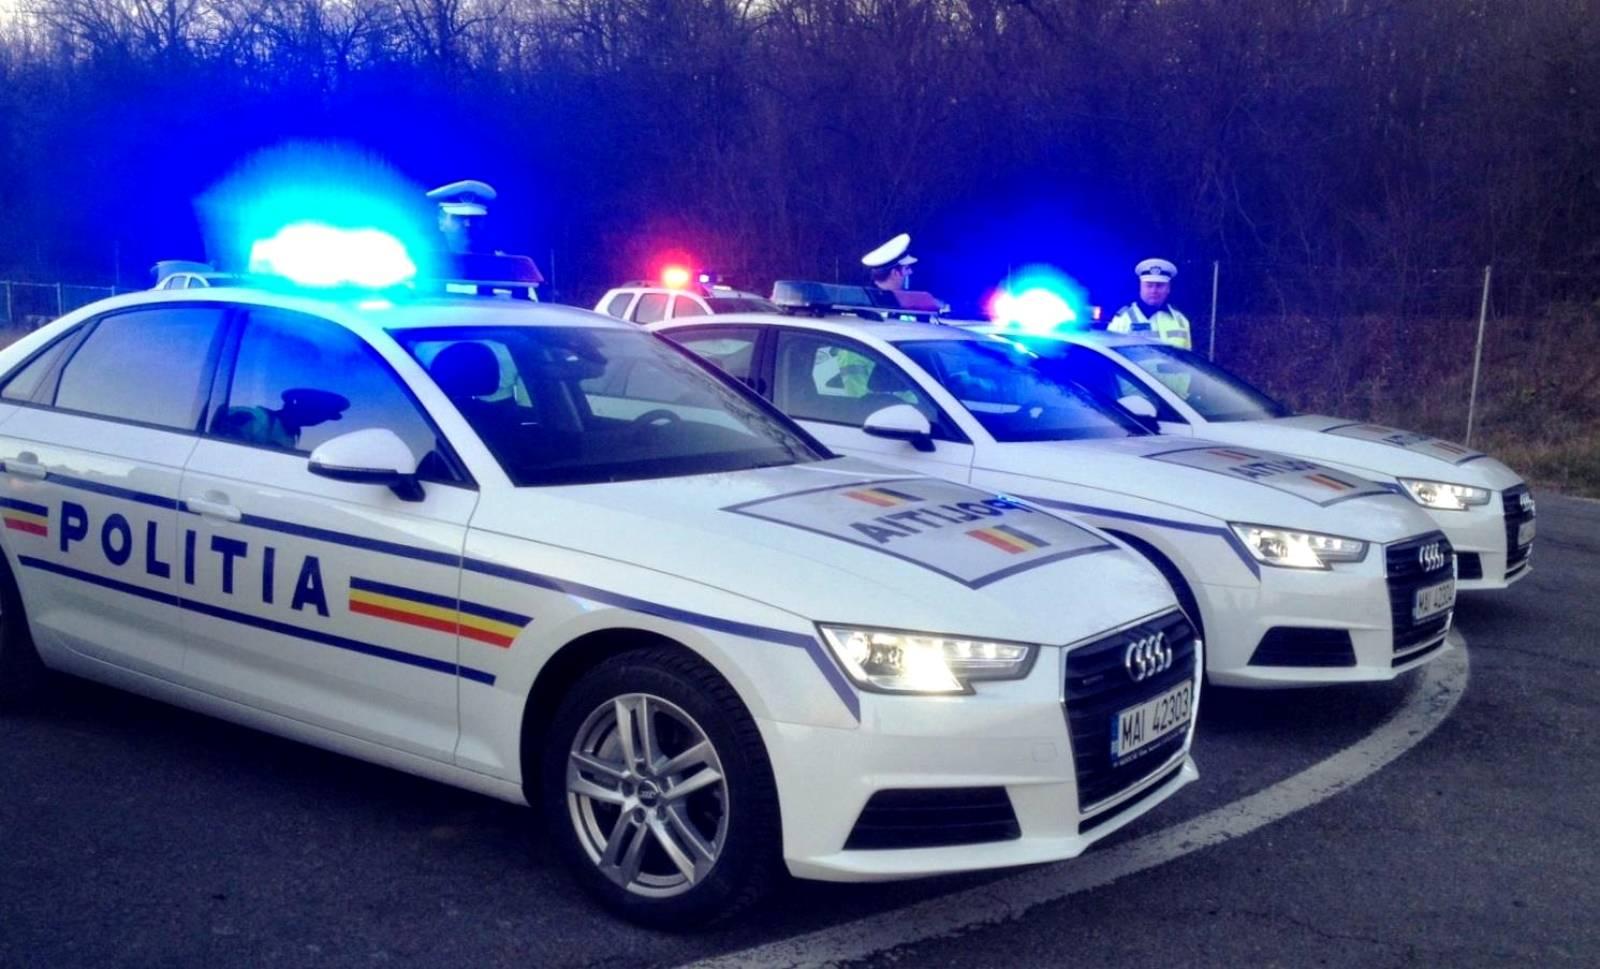 politia romana mii amenzi 2021